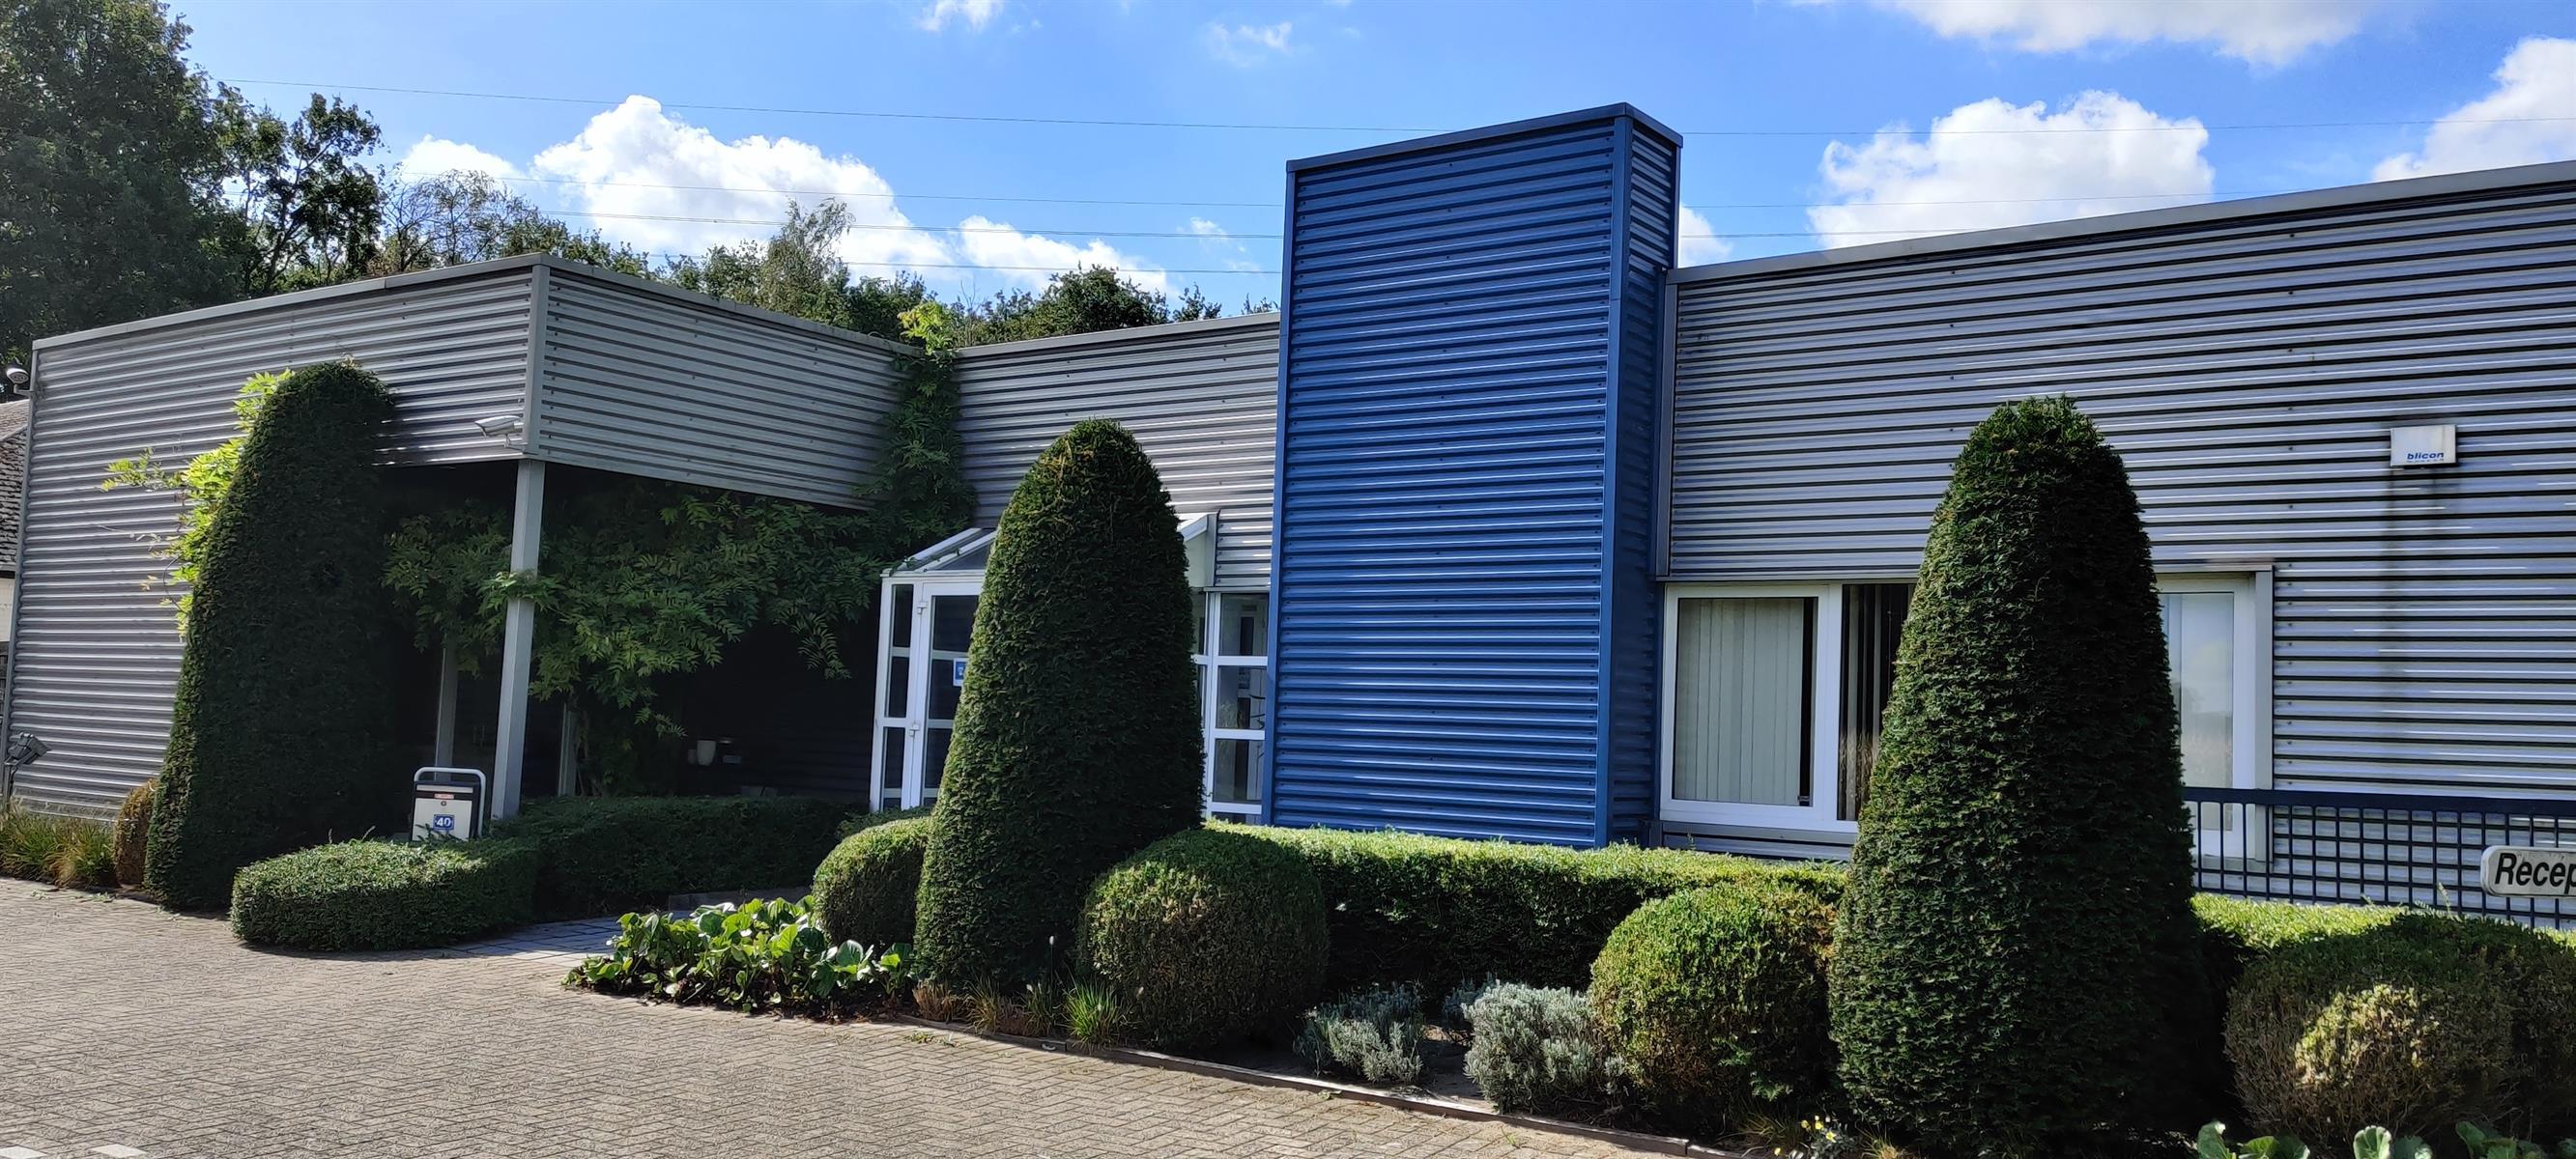 gebouw voor gemengd gebruik te koop I153 MAGAZIJN/ATELIER/KANTOOR - Dikberd 40, 2200 Herentals, België 17